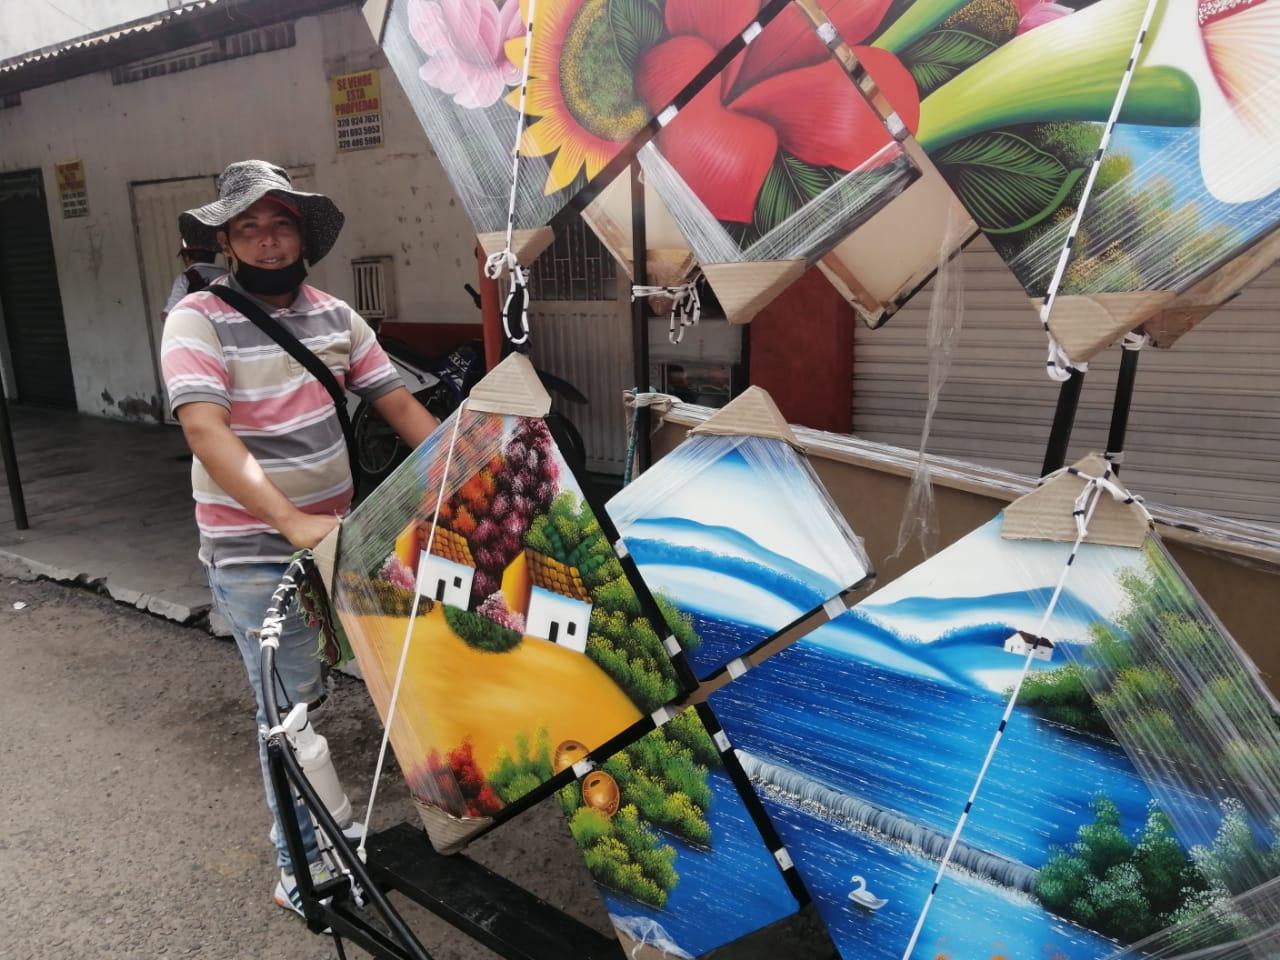 Día a día recorre las calles vendiendo cuadros